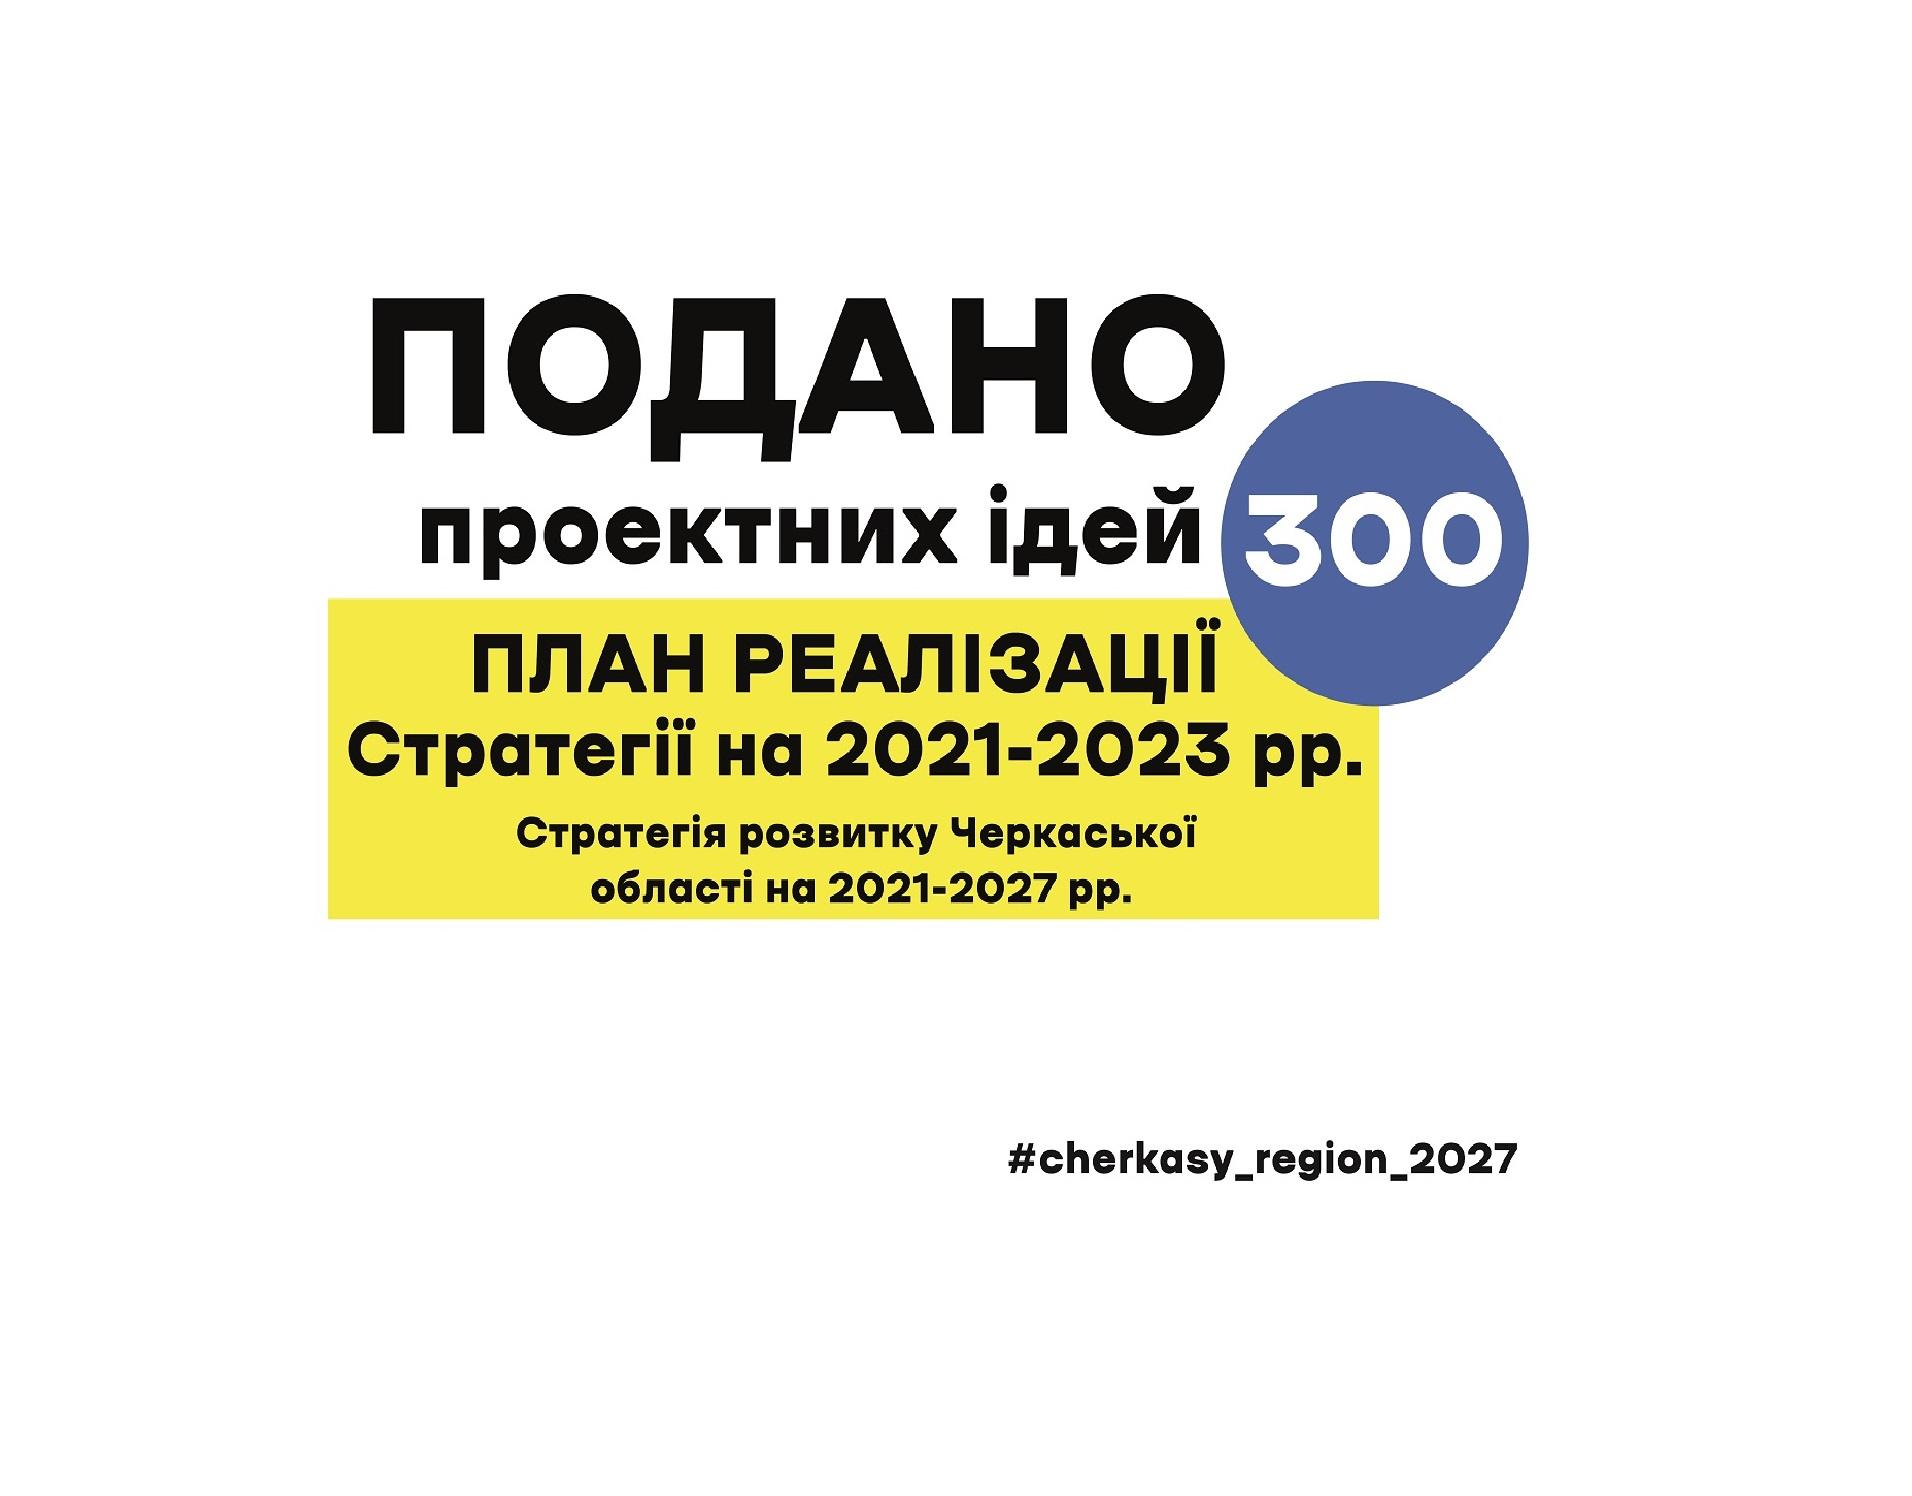 До Плану реалізації Стратегії подано 300 проектних ідей